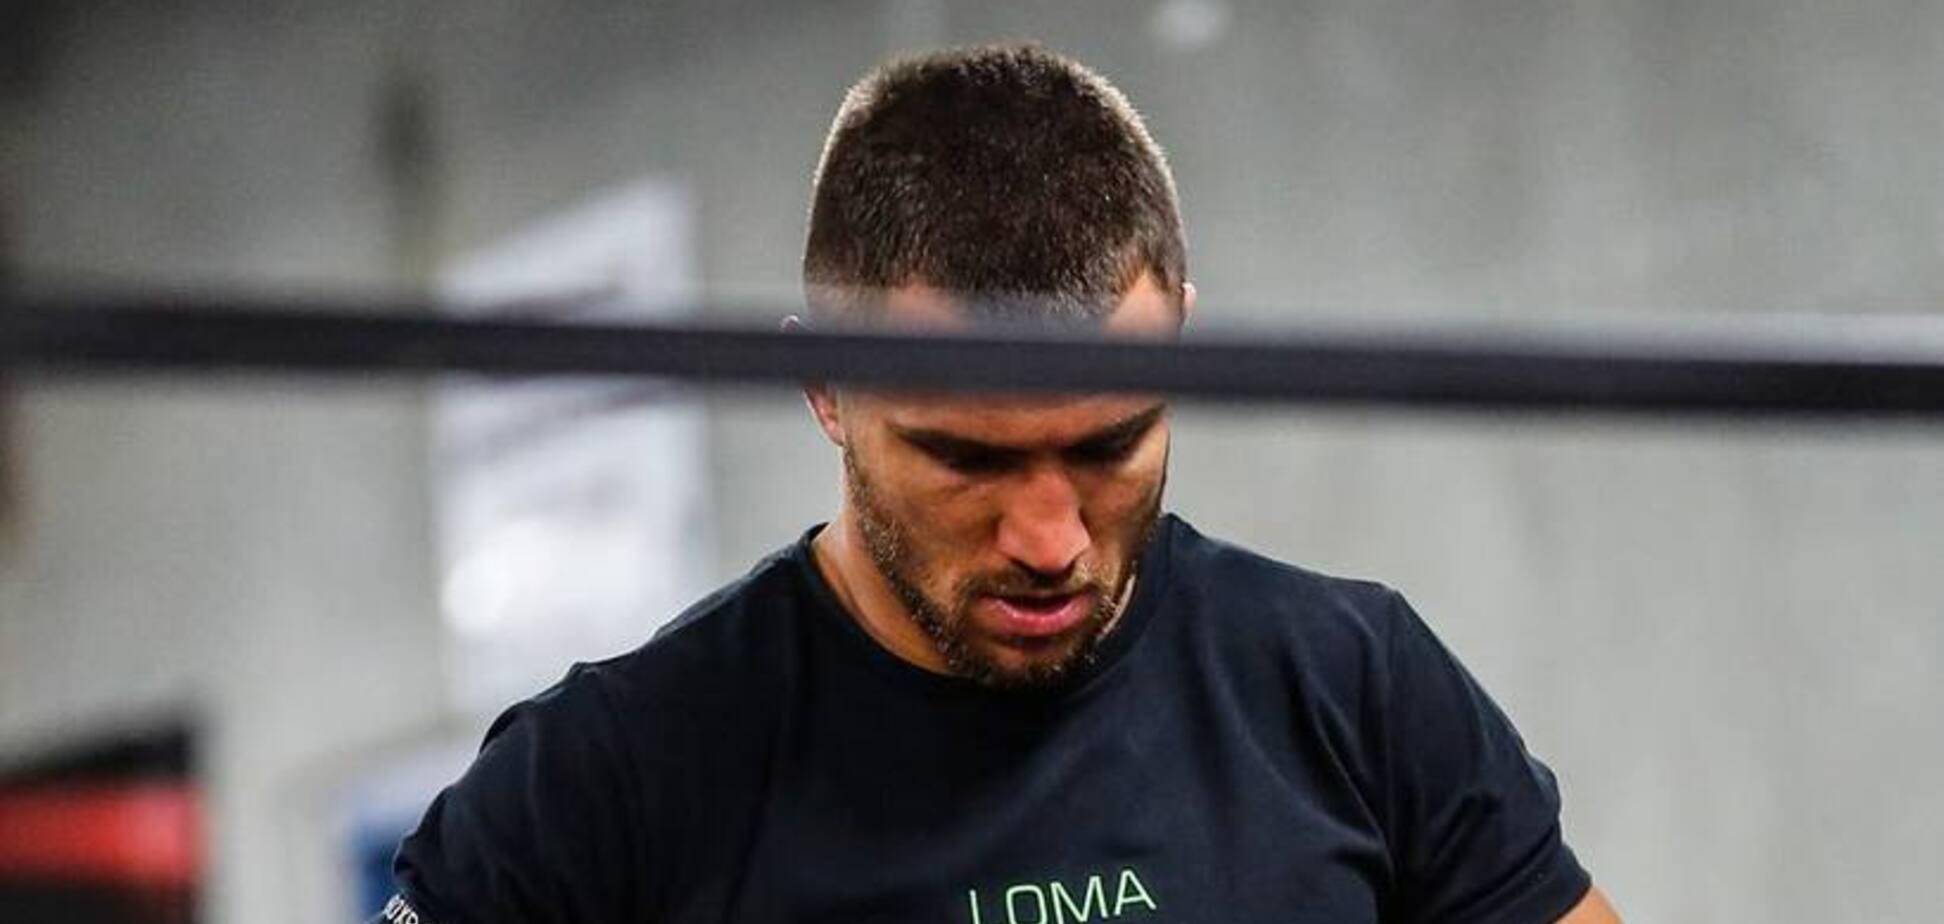 Ломаченко потрапив в неприємну ситуацію з новим боєм